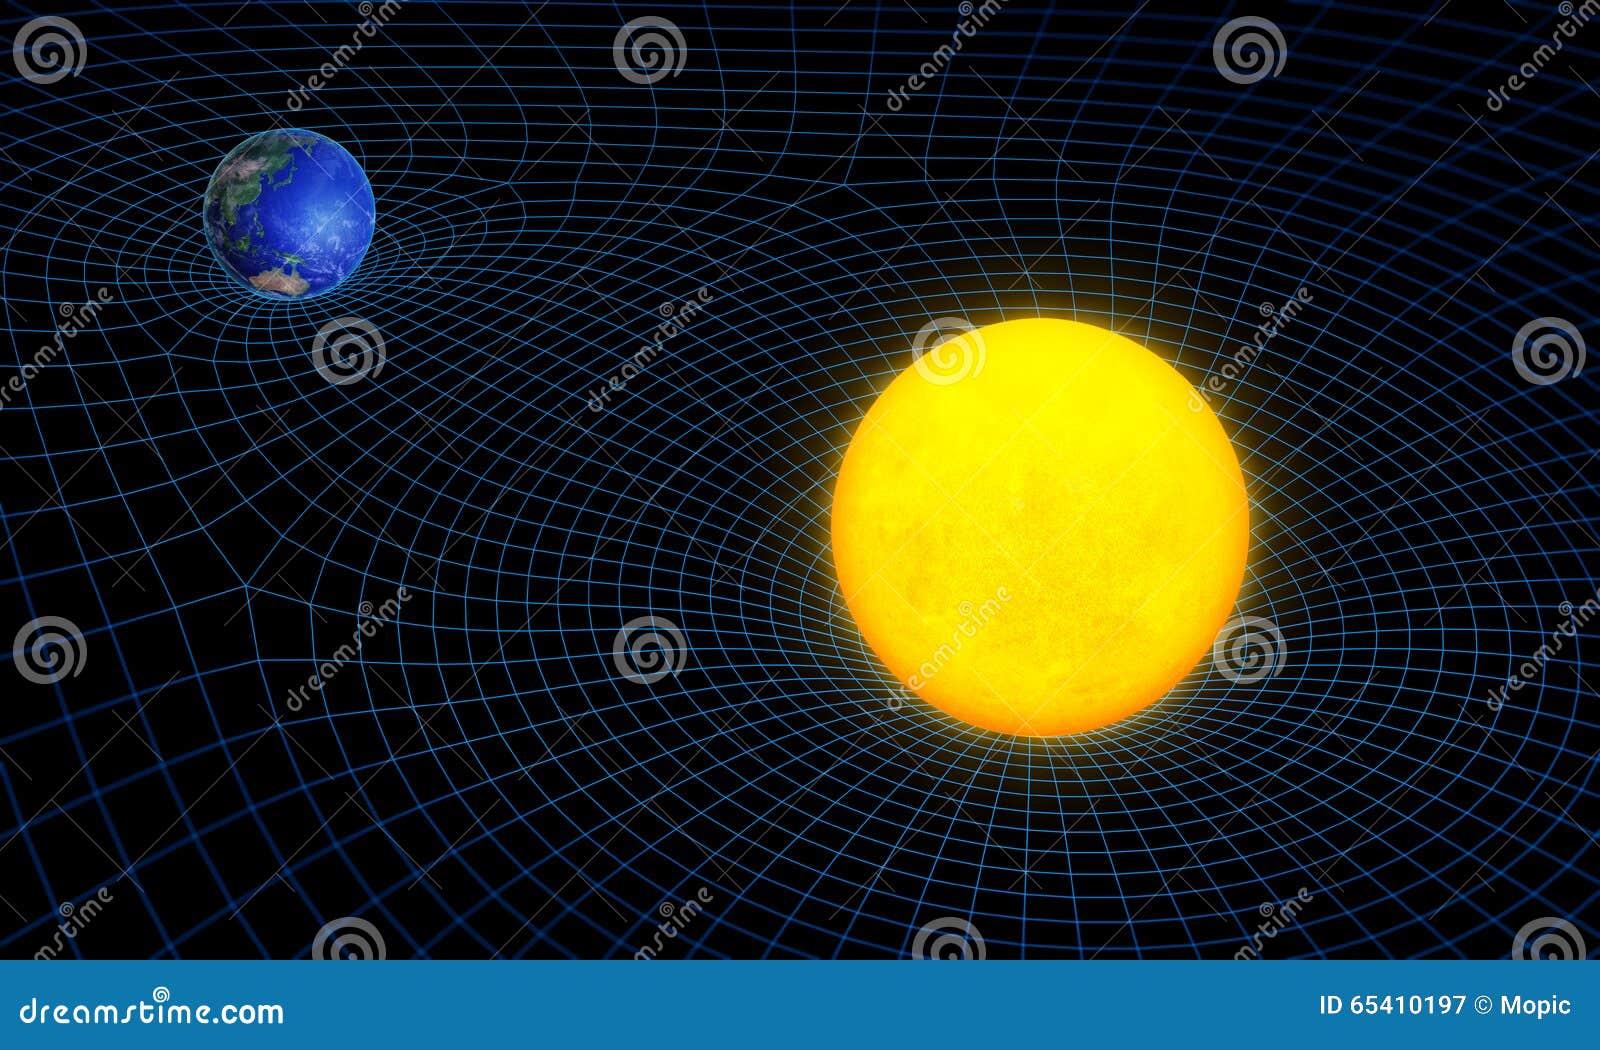 Raumzeitkontinuum